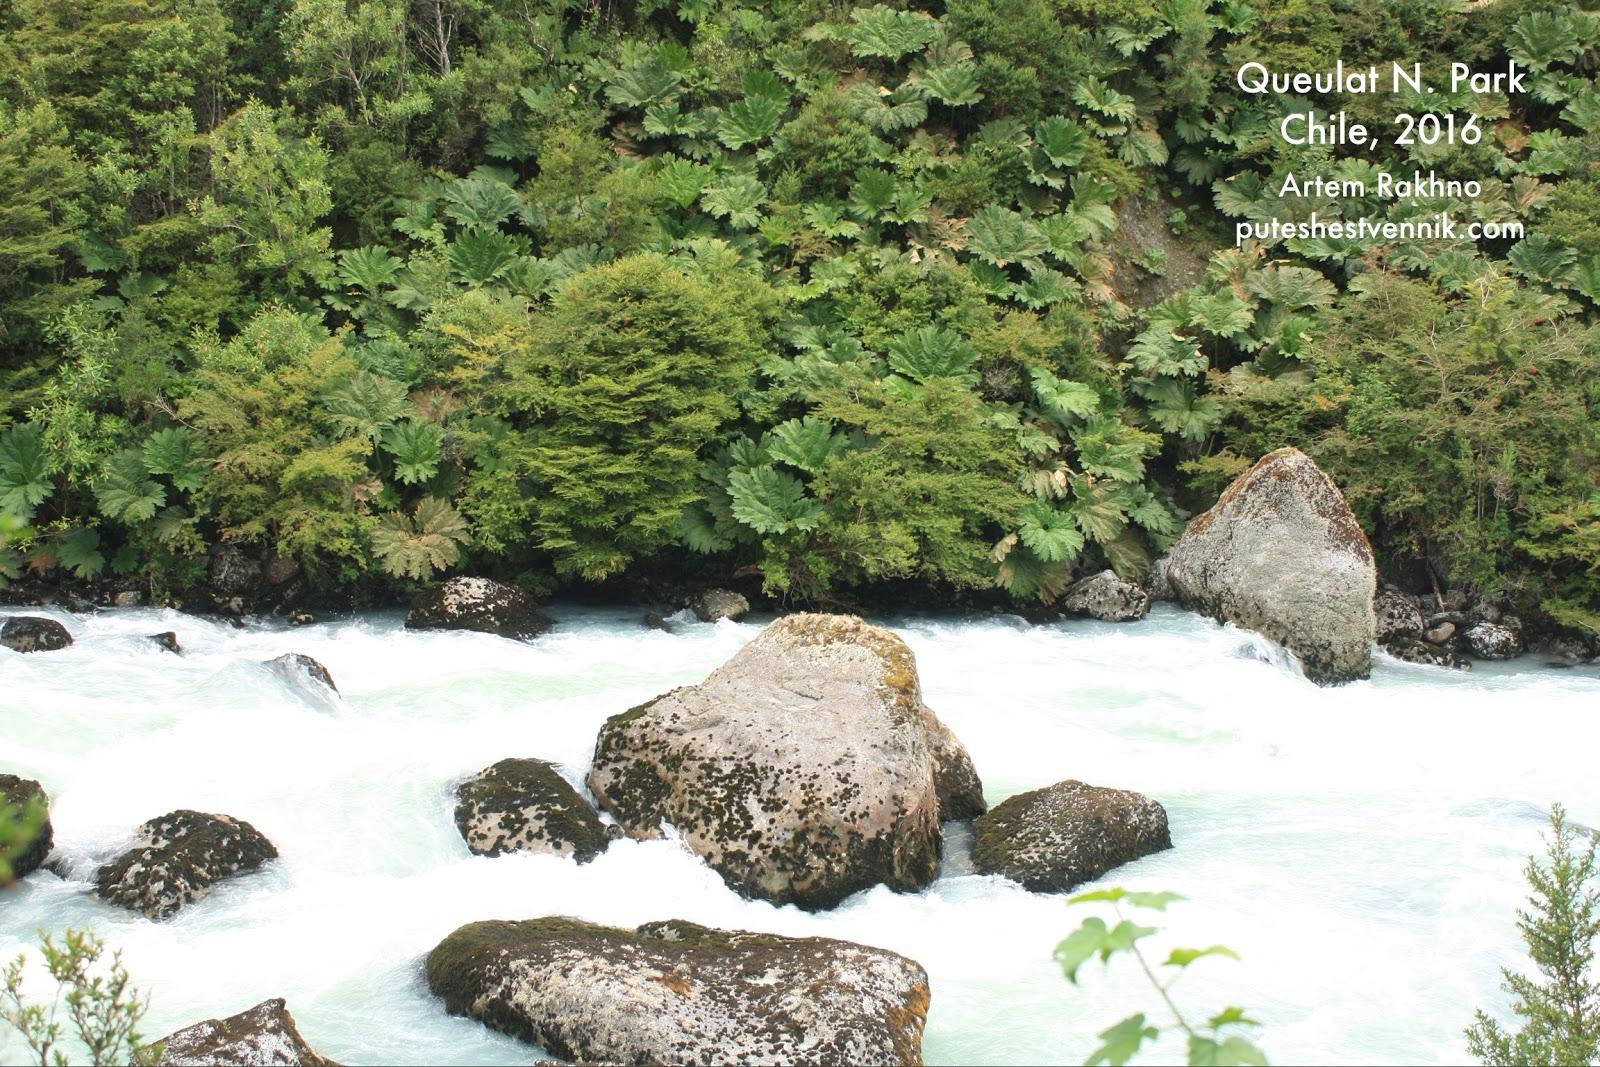 Горная река белого цвета в Чили